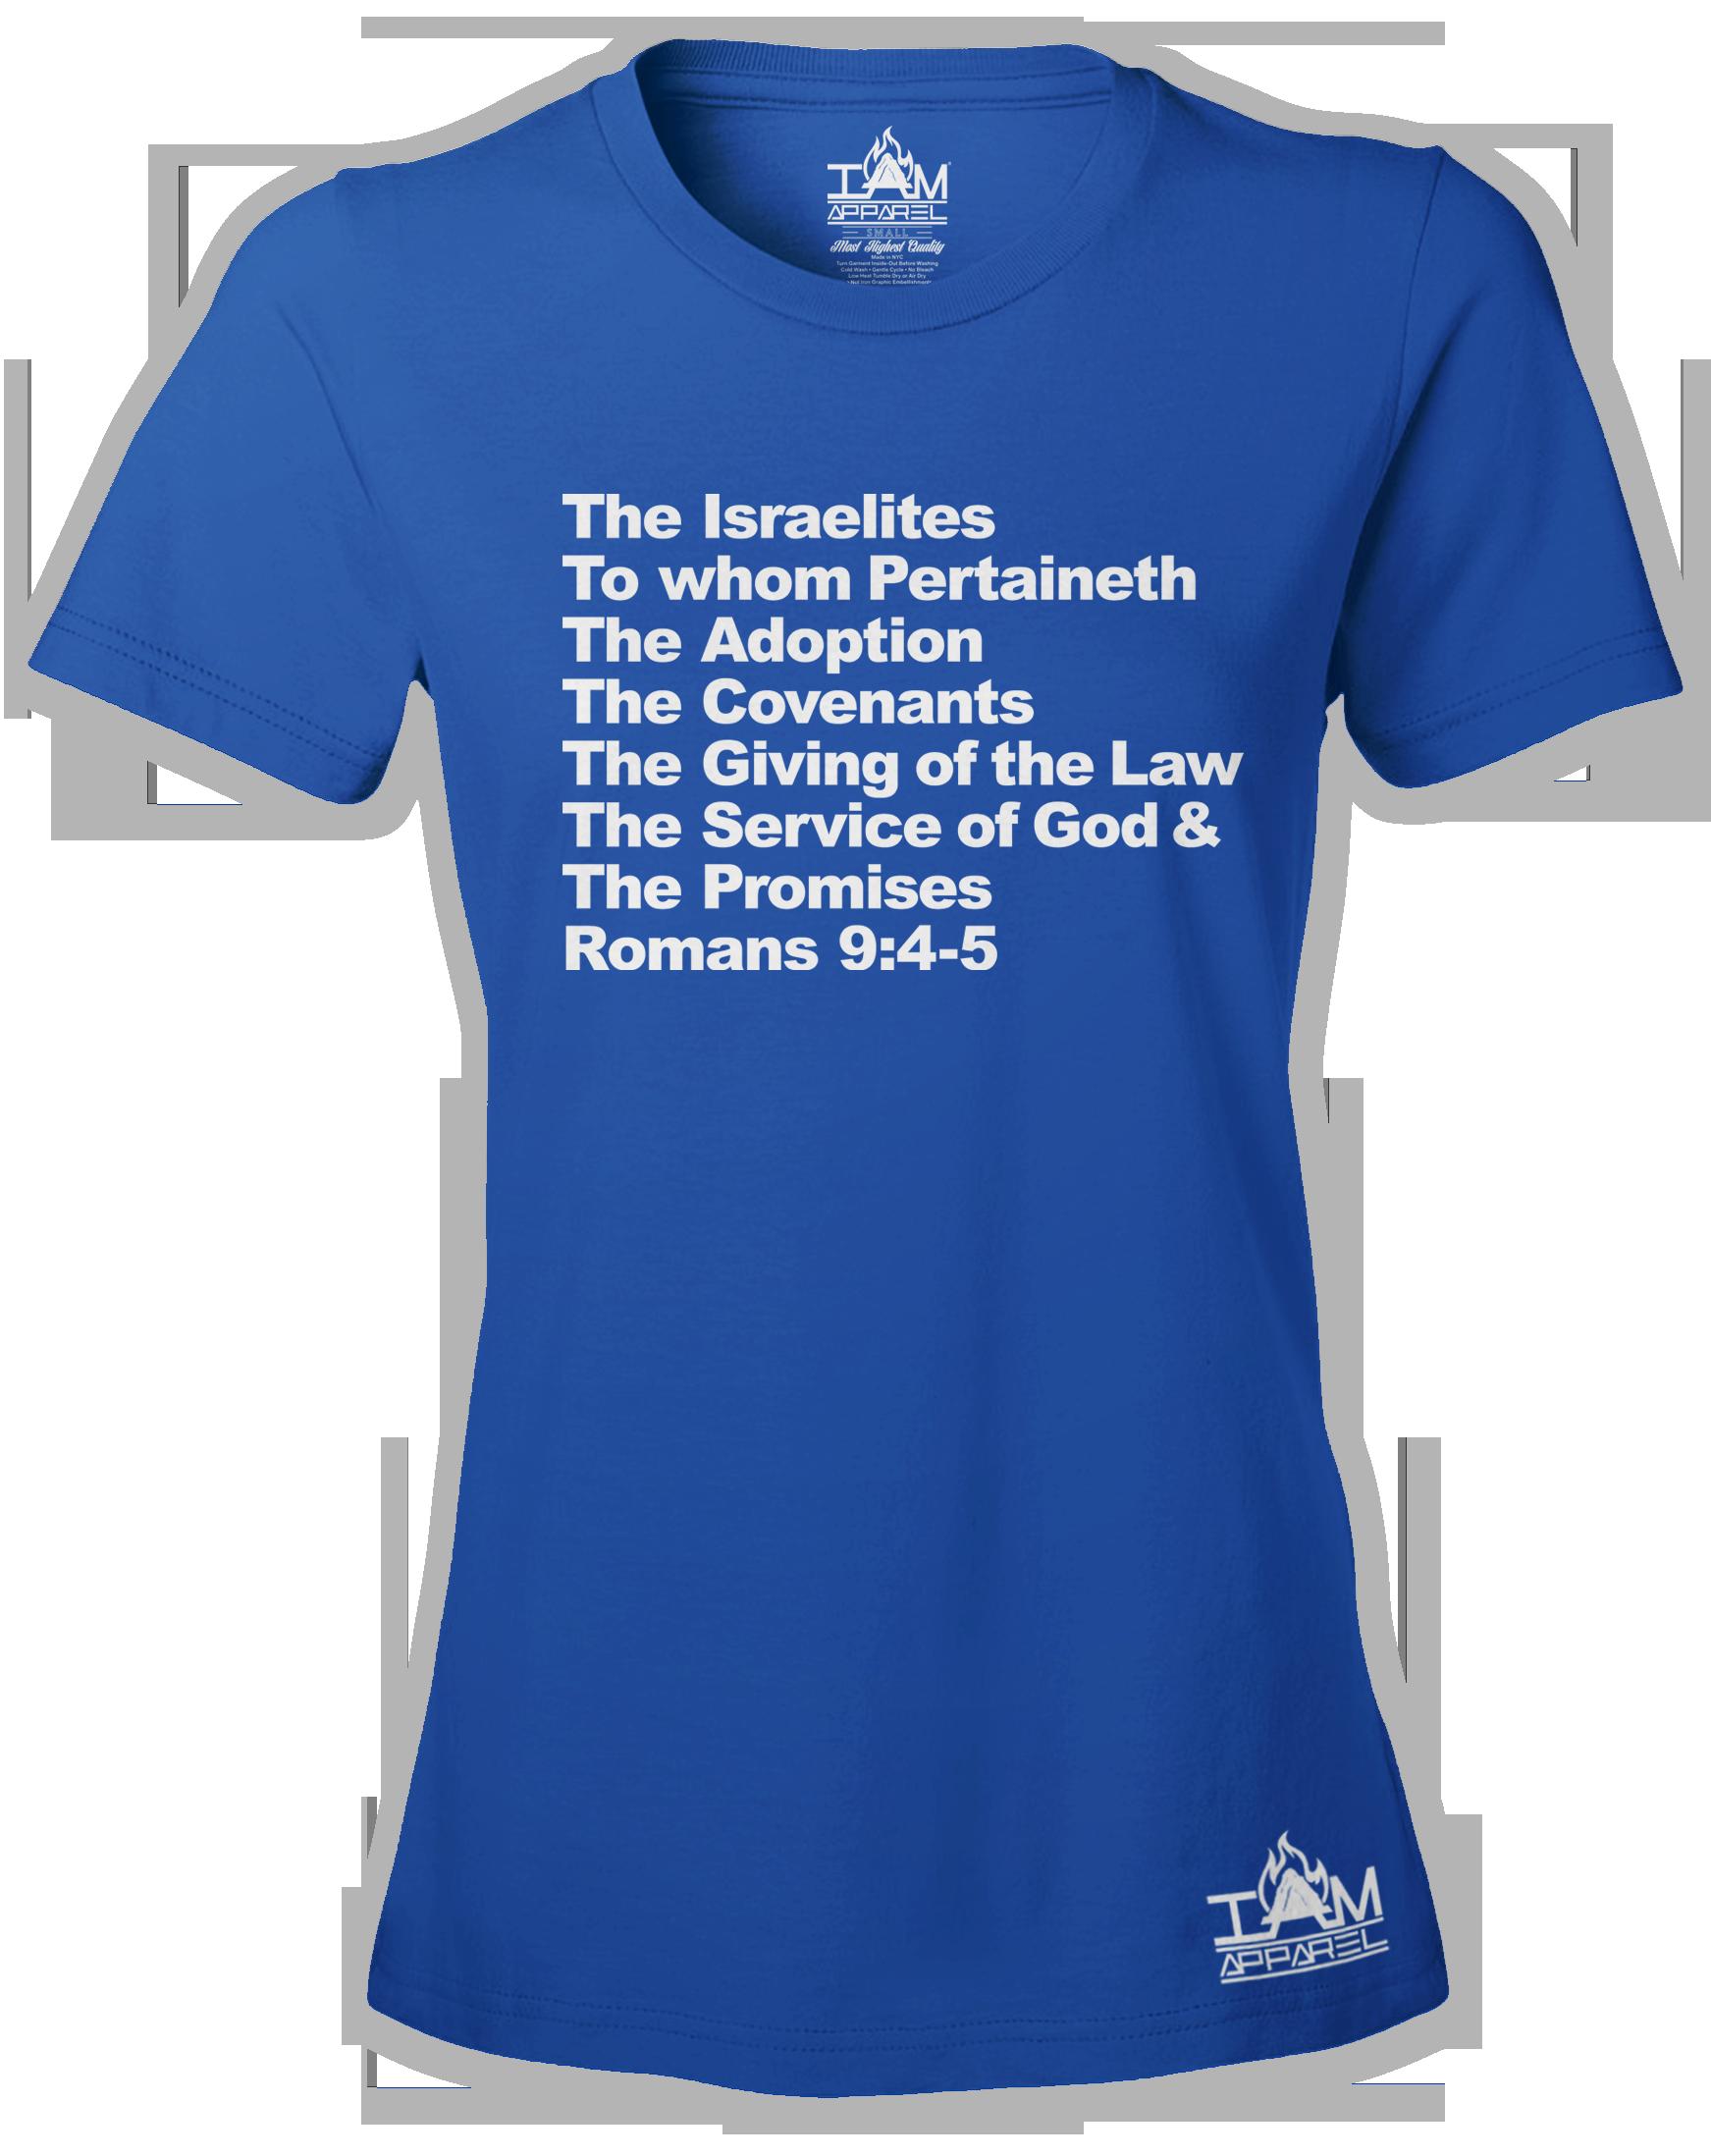 Women's Israelites Text Short Sleeved T-shirt 00144